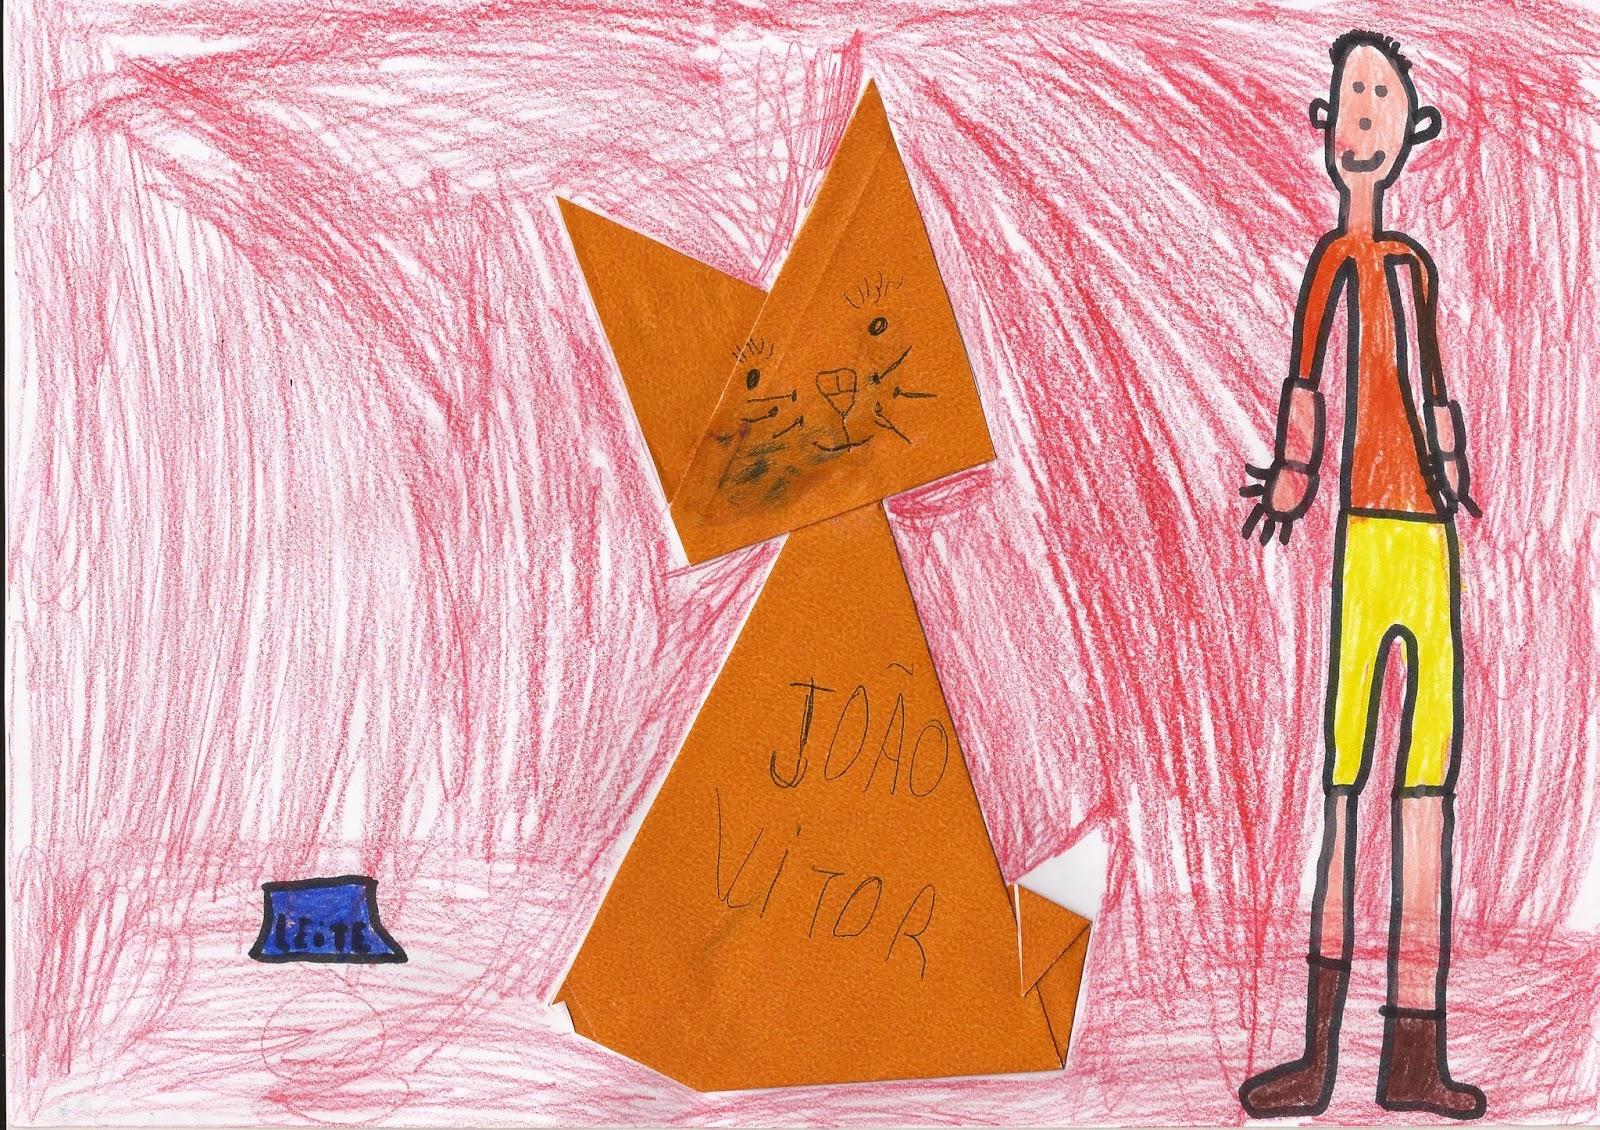 Fabuloso Escola Municipal Humberto de Souza Mello: Poesia e Origami WT44